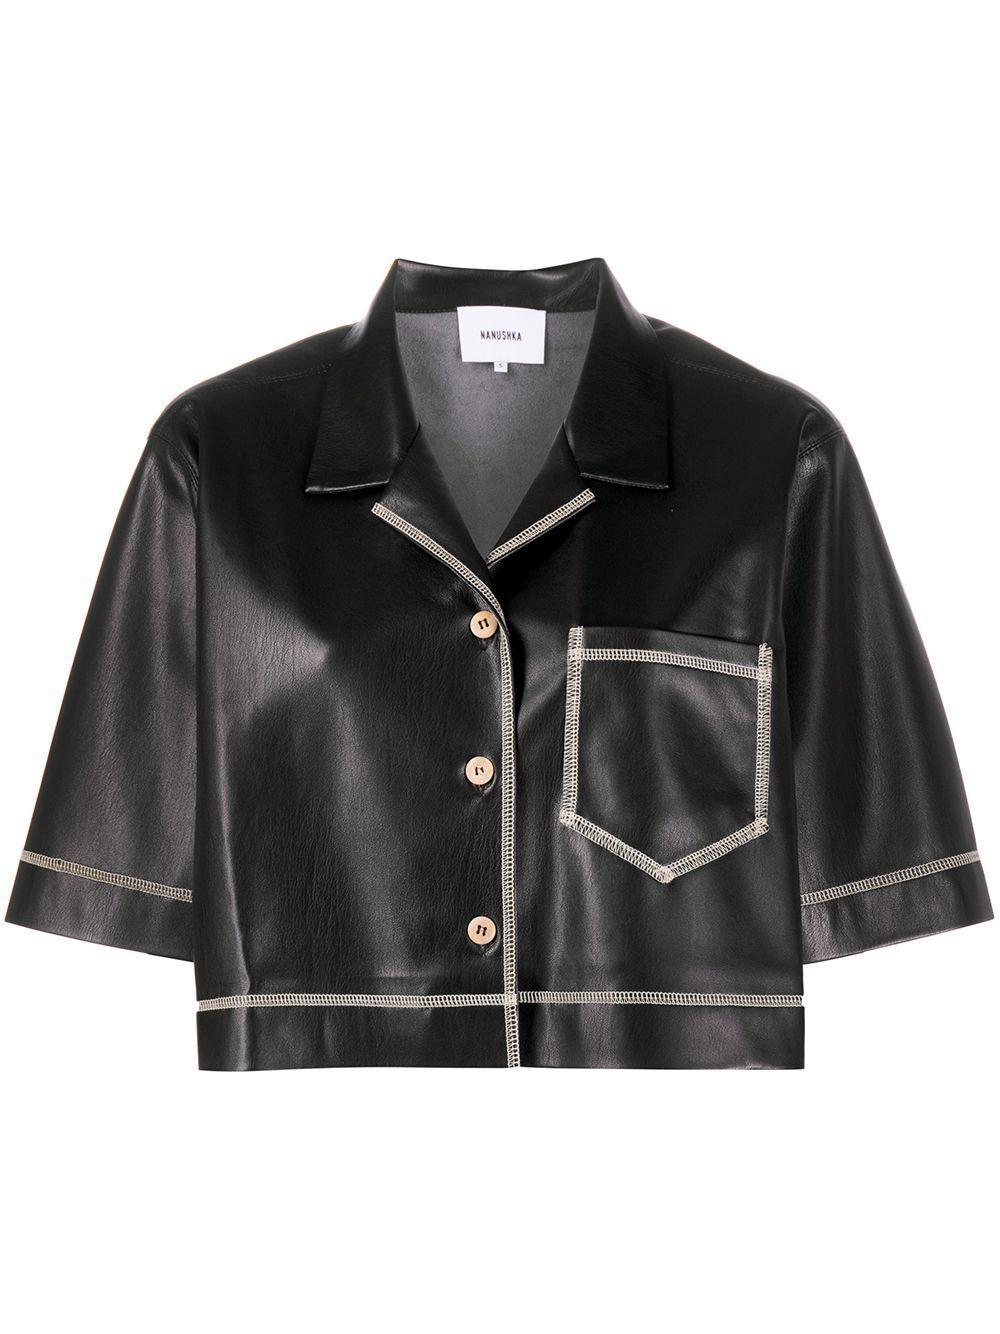 Vegan Leather Cropped Jacket